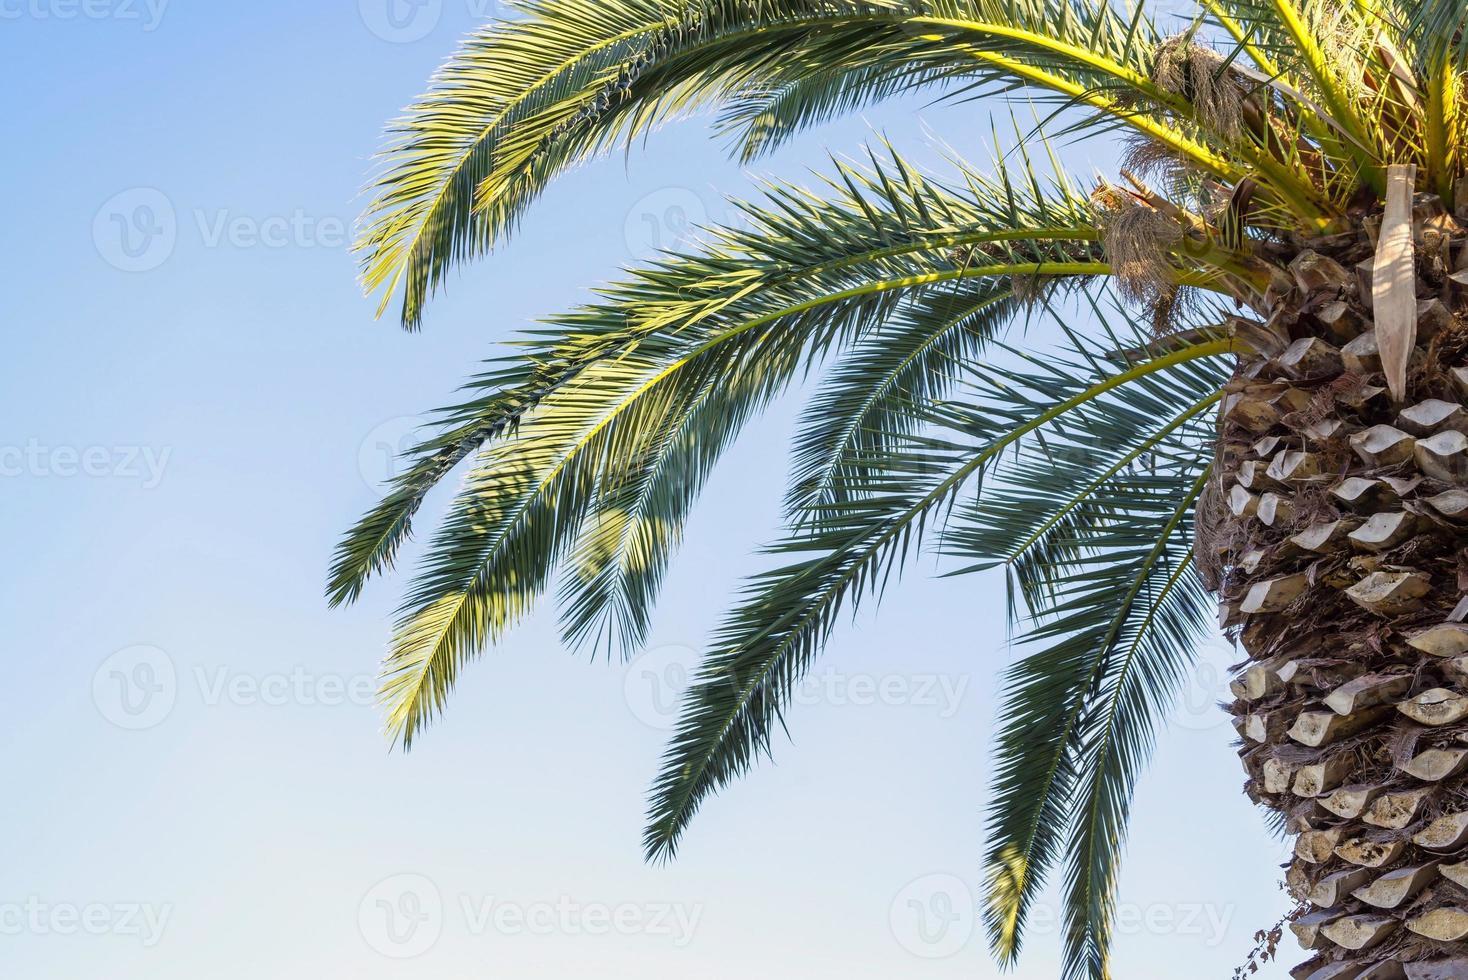 große Palme gegen den blauen Himmel foto